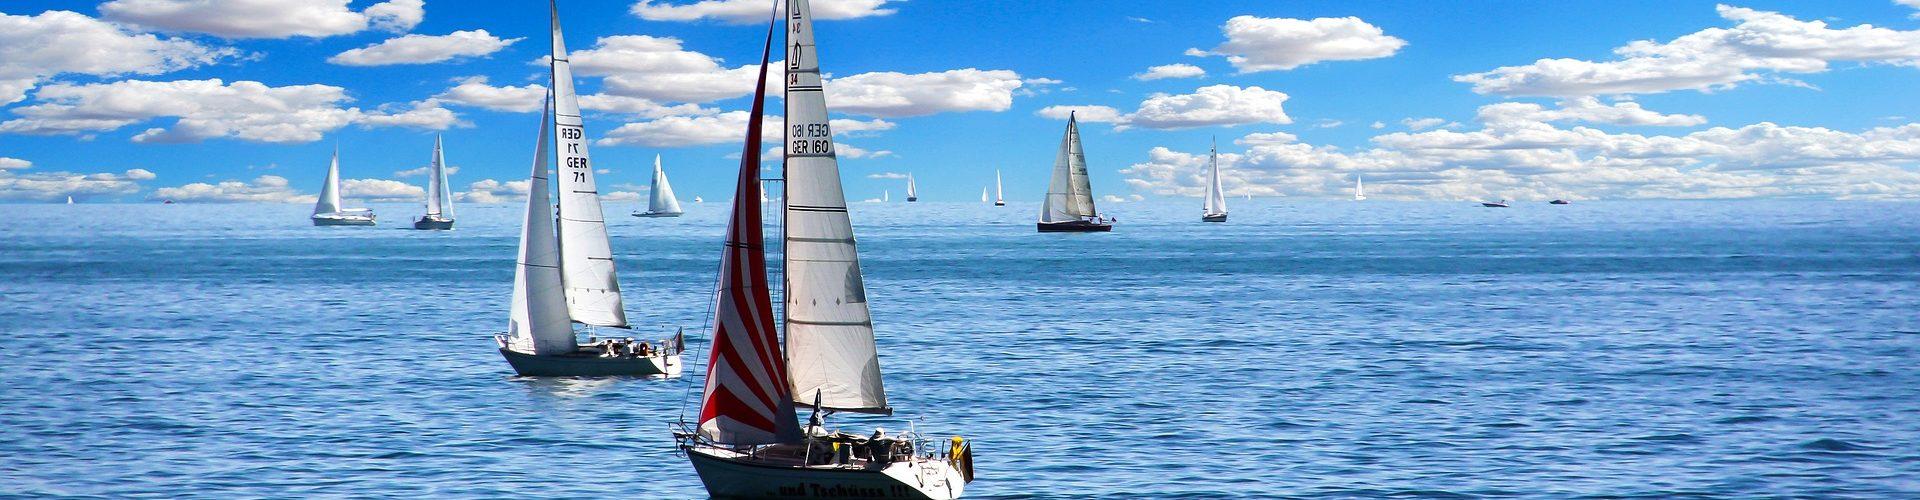 segeln lernen in Plau am See segelschein machen in Plau am See 1920x500 - Segeln lernen in Plau am See